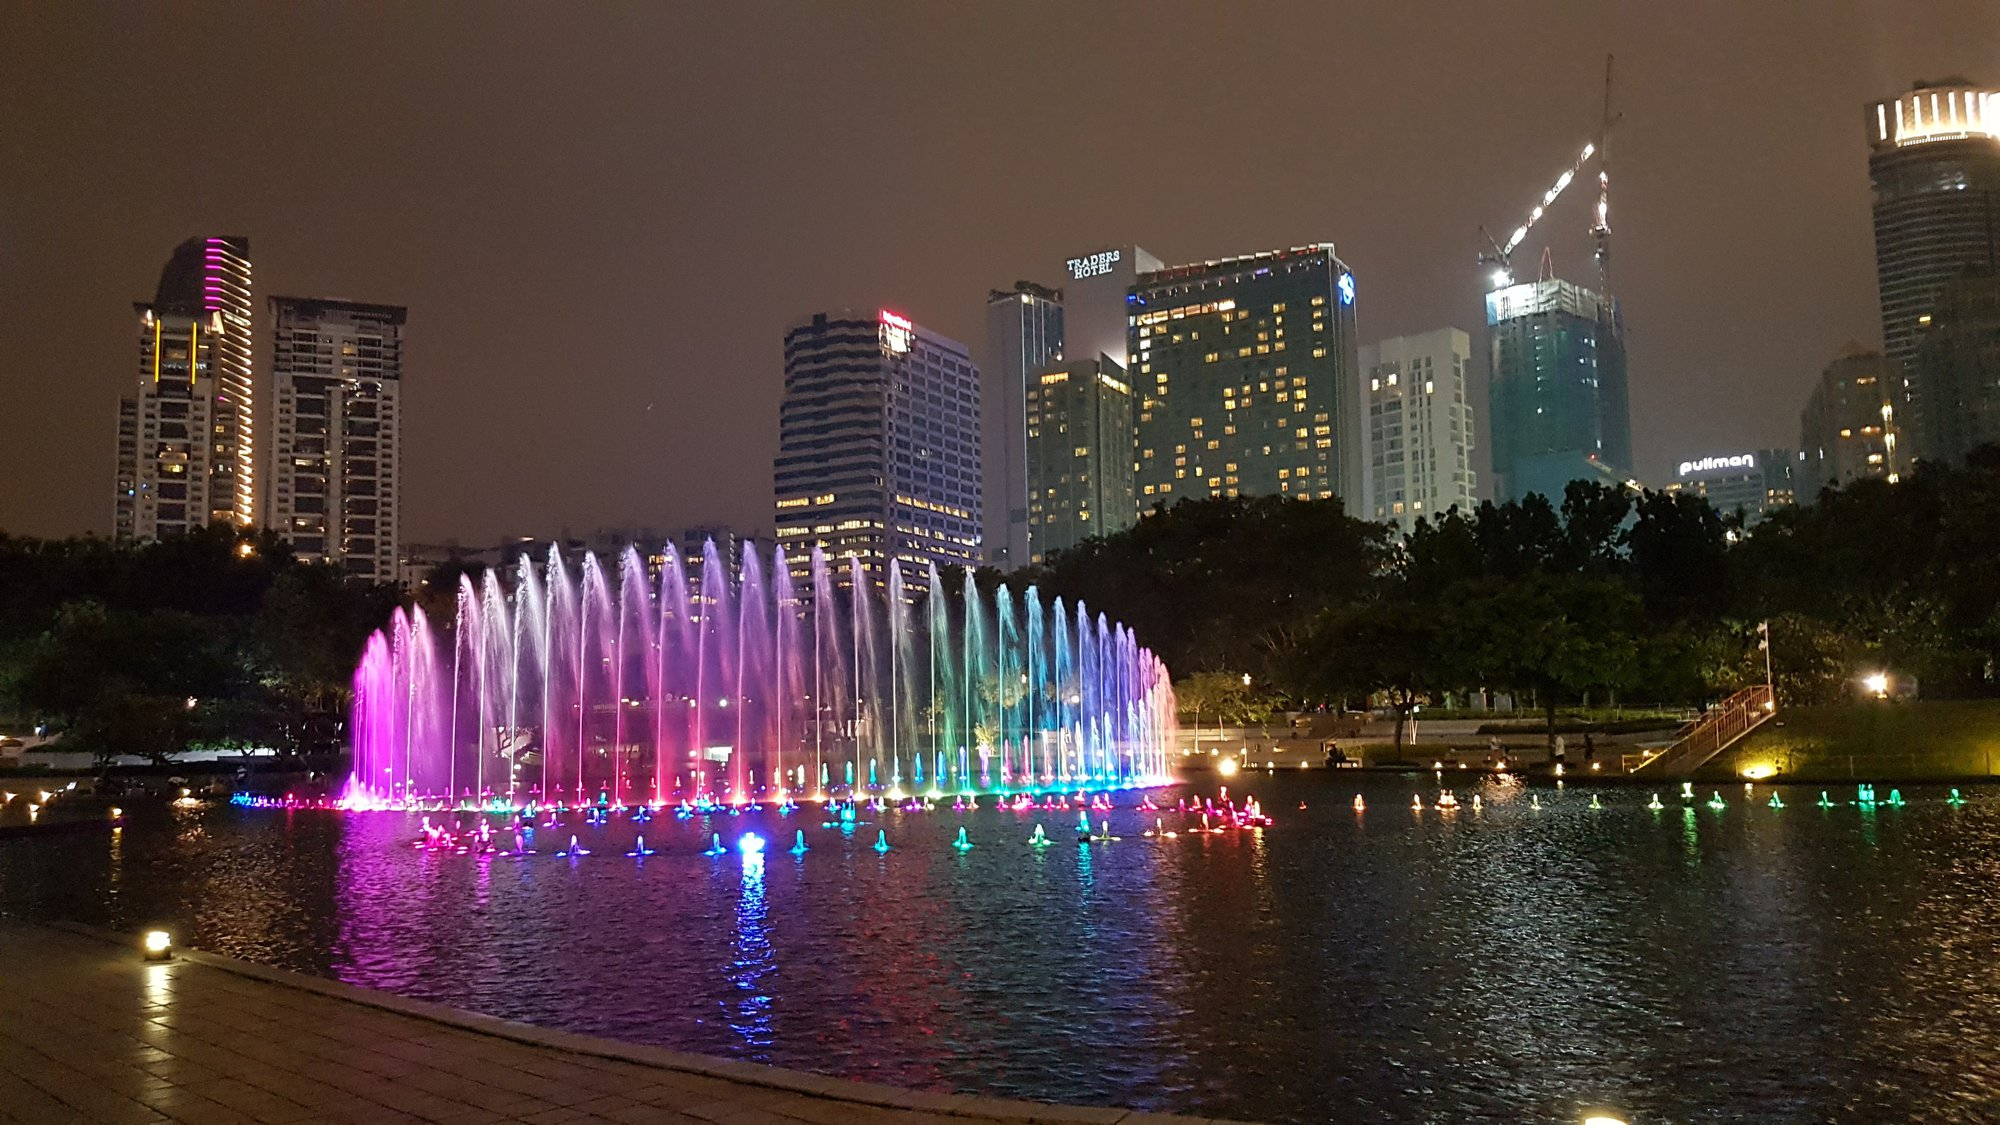 fontána před Petronas Towers